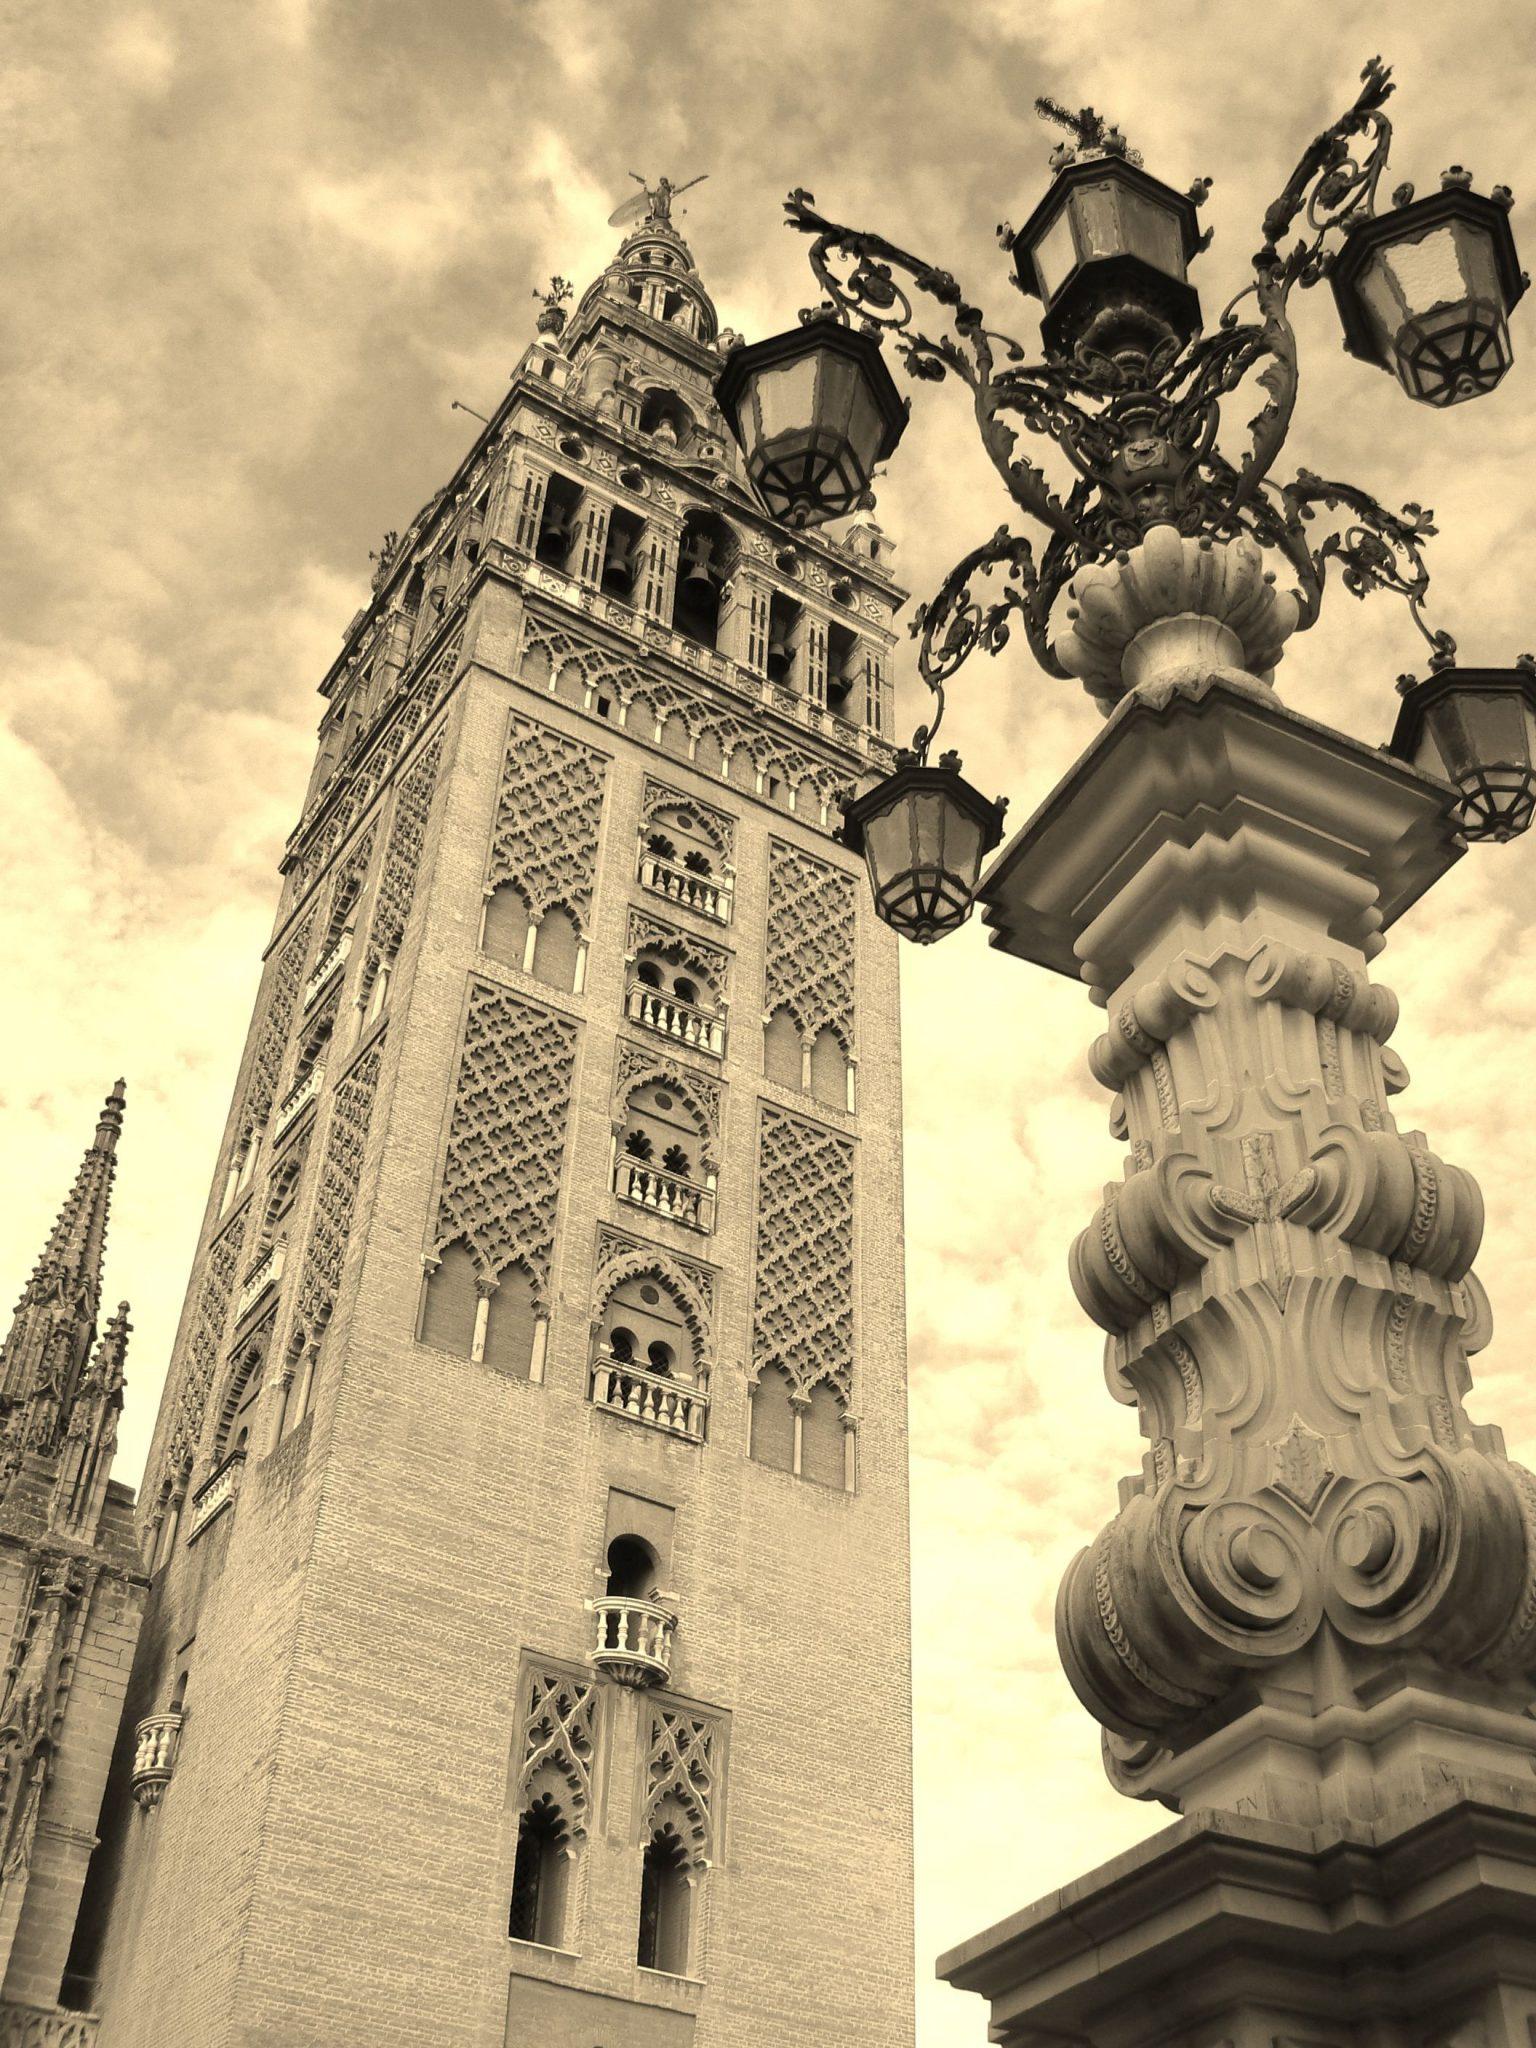 Rutas Culturales y Visitas Guiadas en Sevilla rutas por Sevilla rutas en Sevilla rutas Sevilla. rutas y visitas culturales. Conocer Sevilla